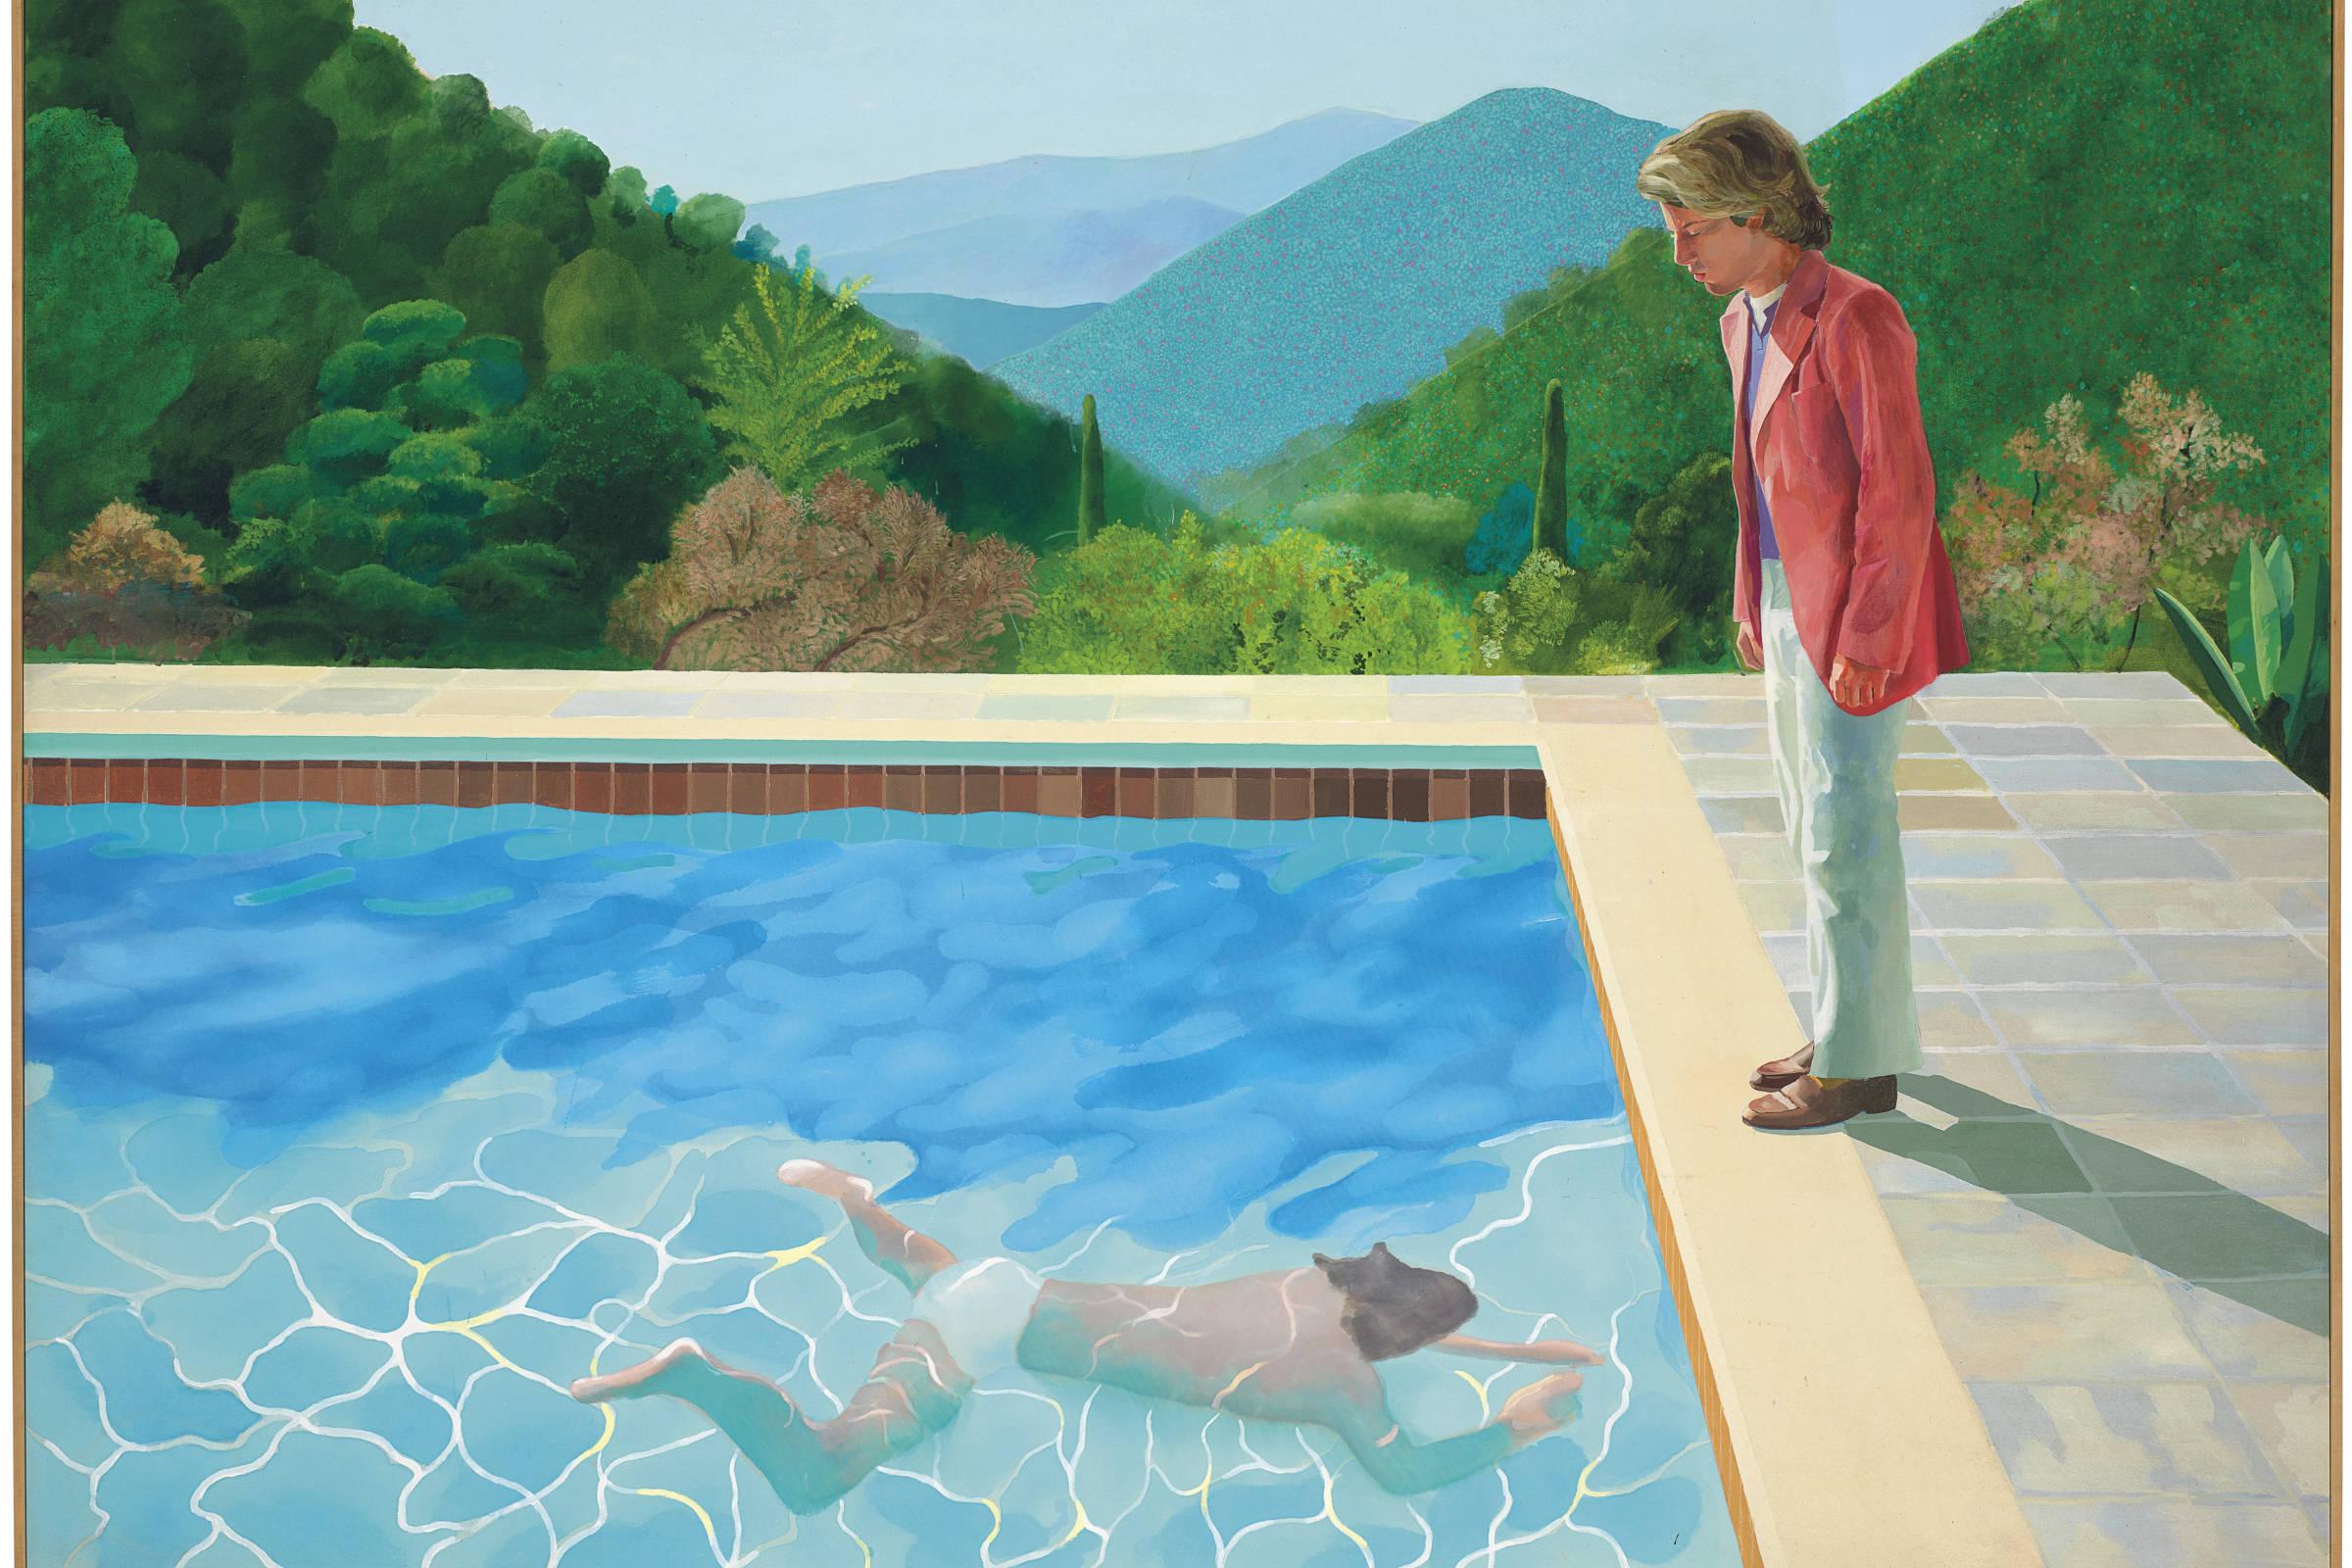 Quadro de Hockney é vendido a US$ 90 mi, recorde para um artista